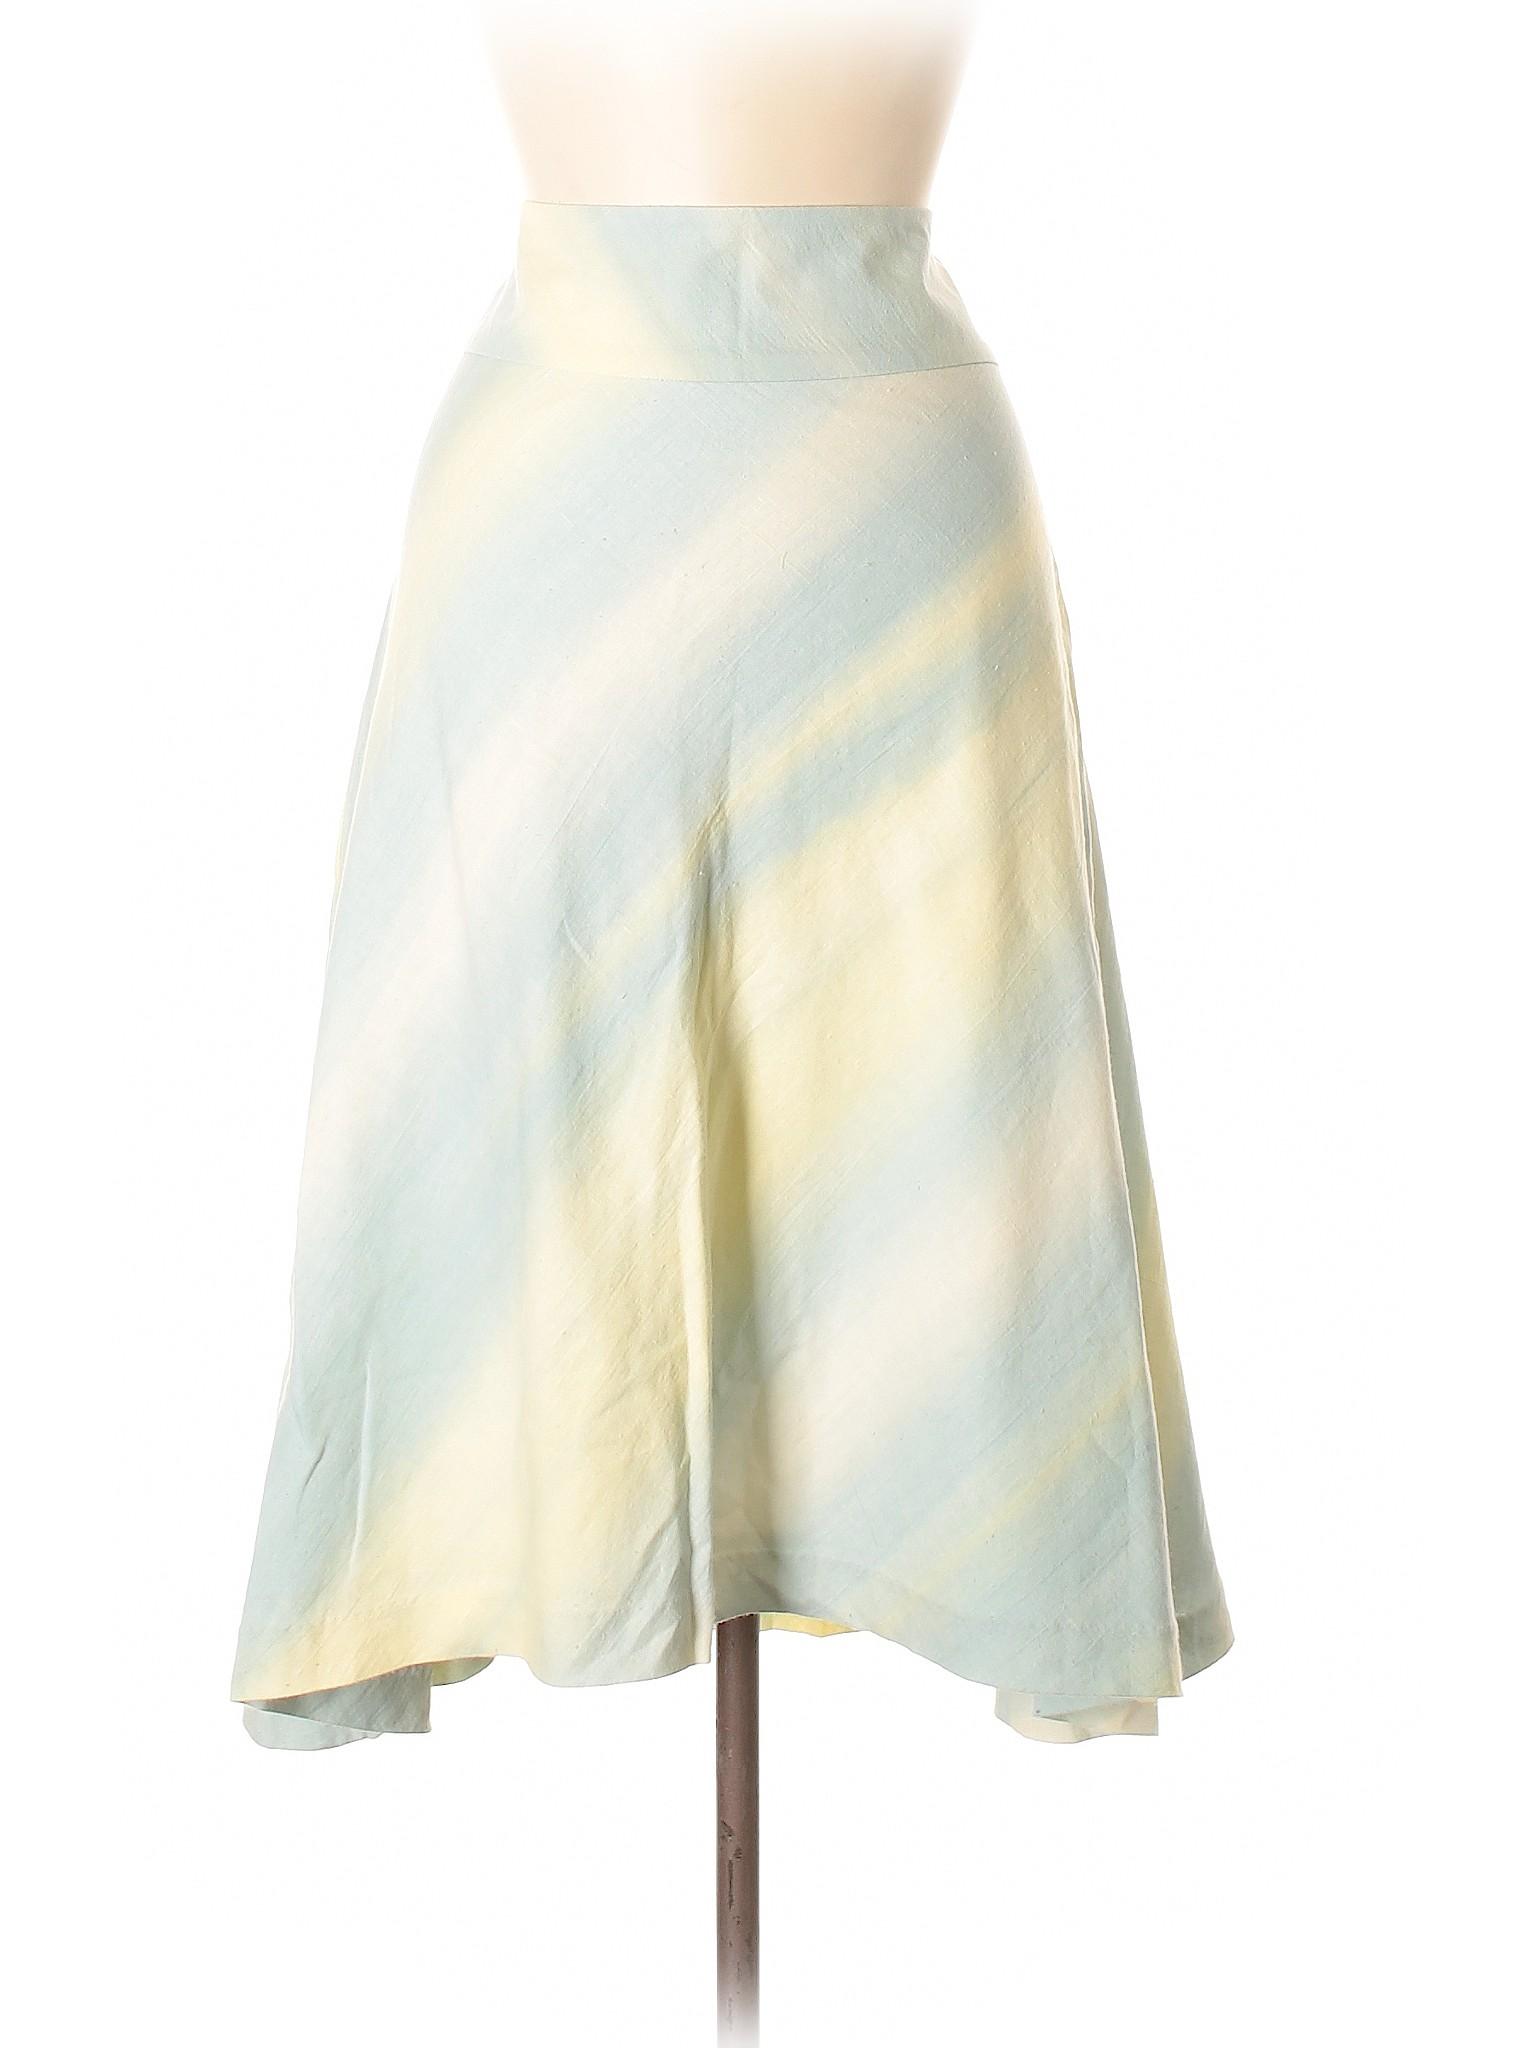 Casual Leisure Skirt winter Banana Republic qataAzw